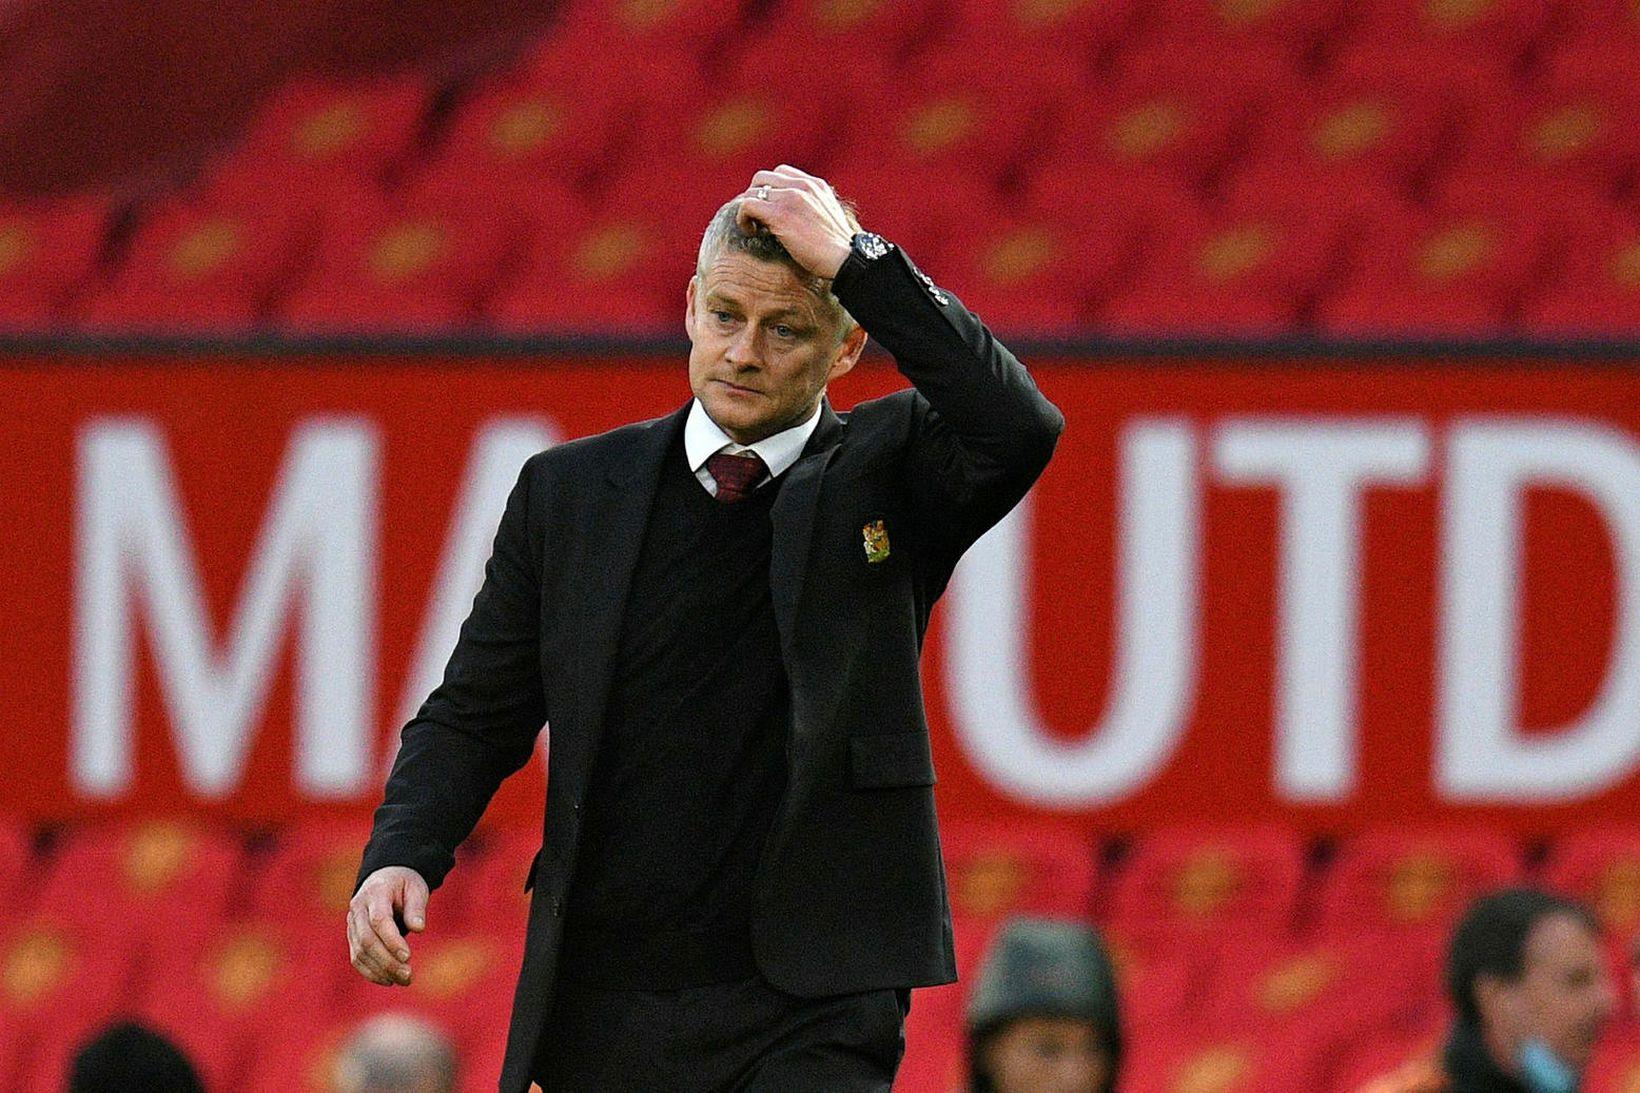 Ole Gunnar Solskjær hefur stýrt liði Manchester United frá árinu …